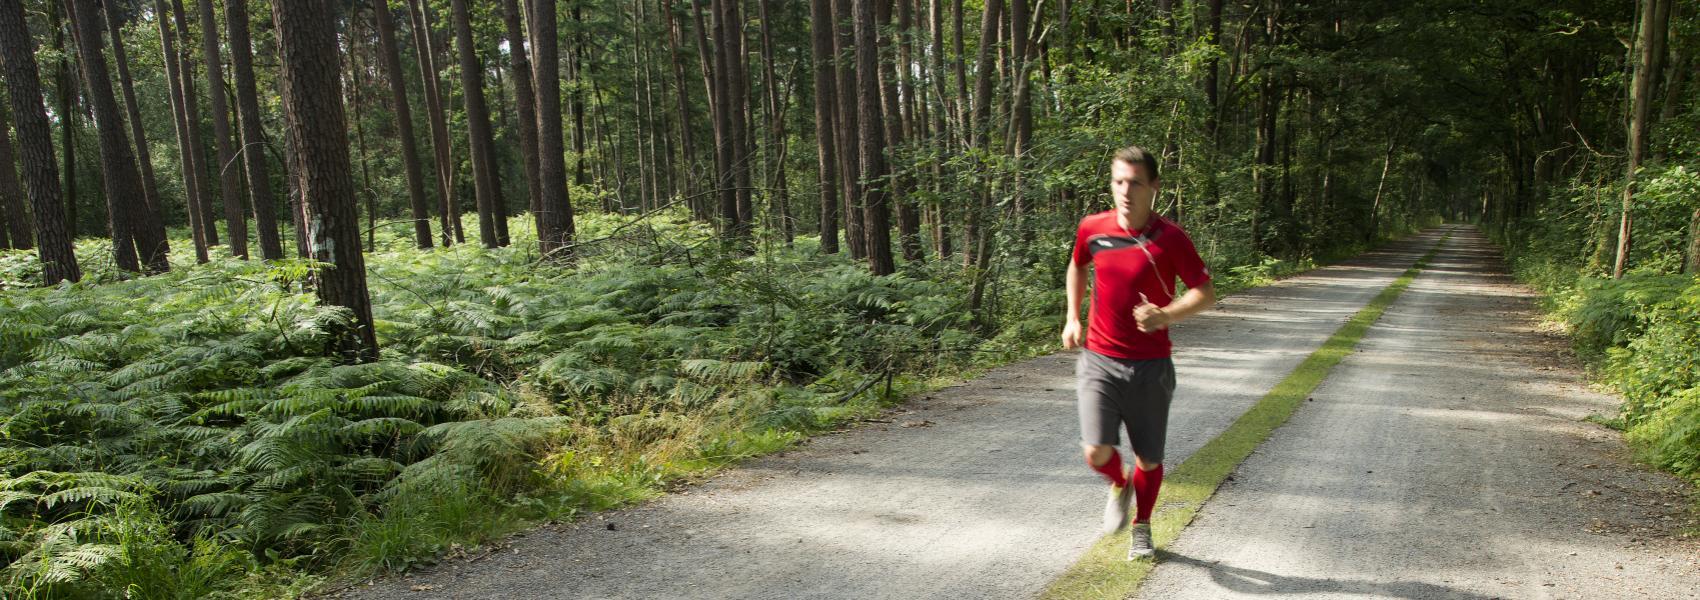 loper op de verharde weg in het bos